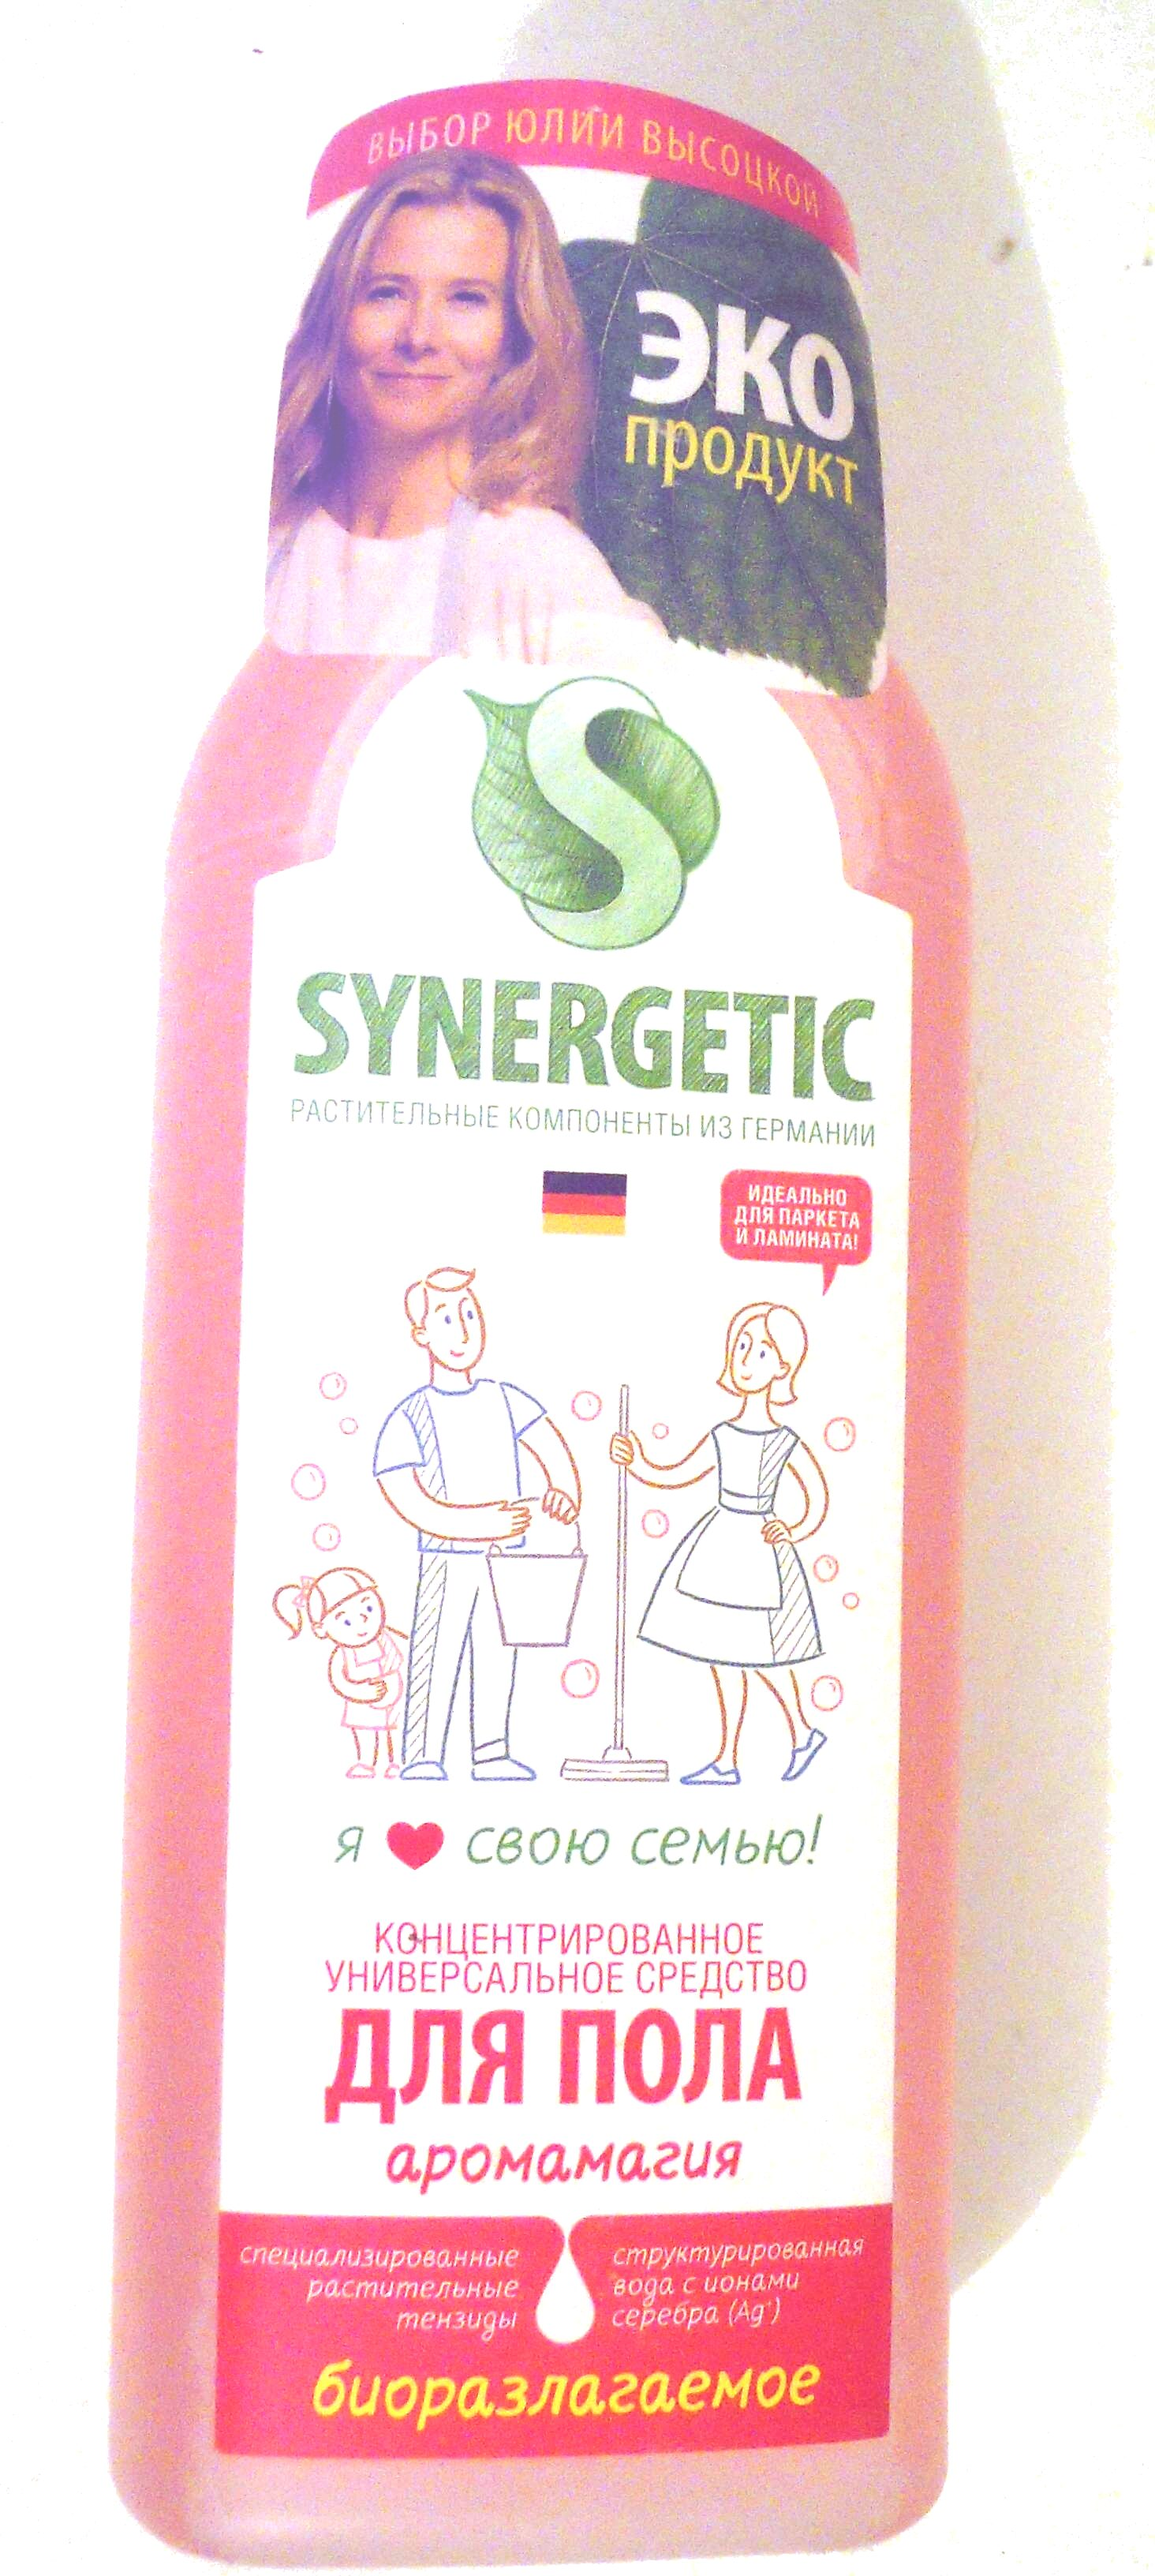 Концентрированное универсальное средство для пола аромамагия - Product - ru